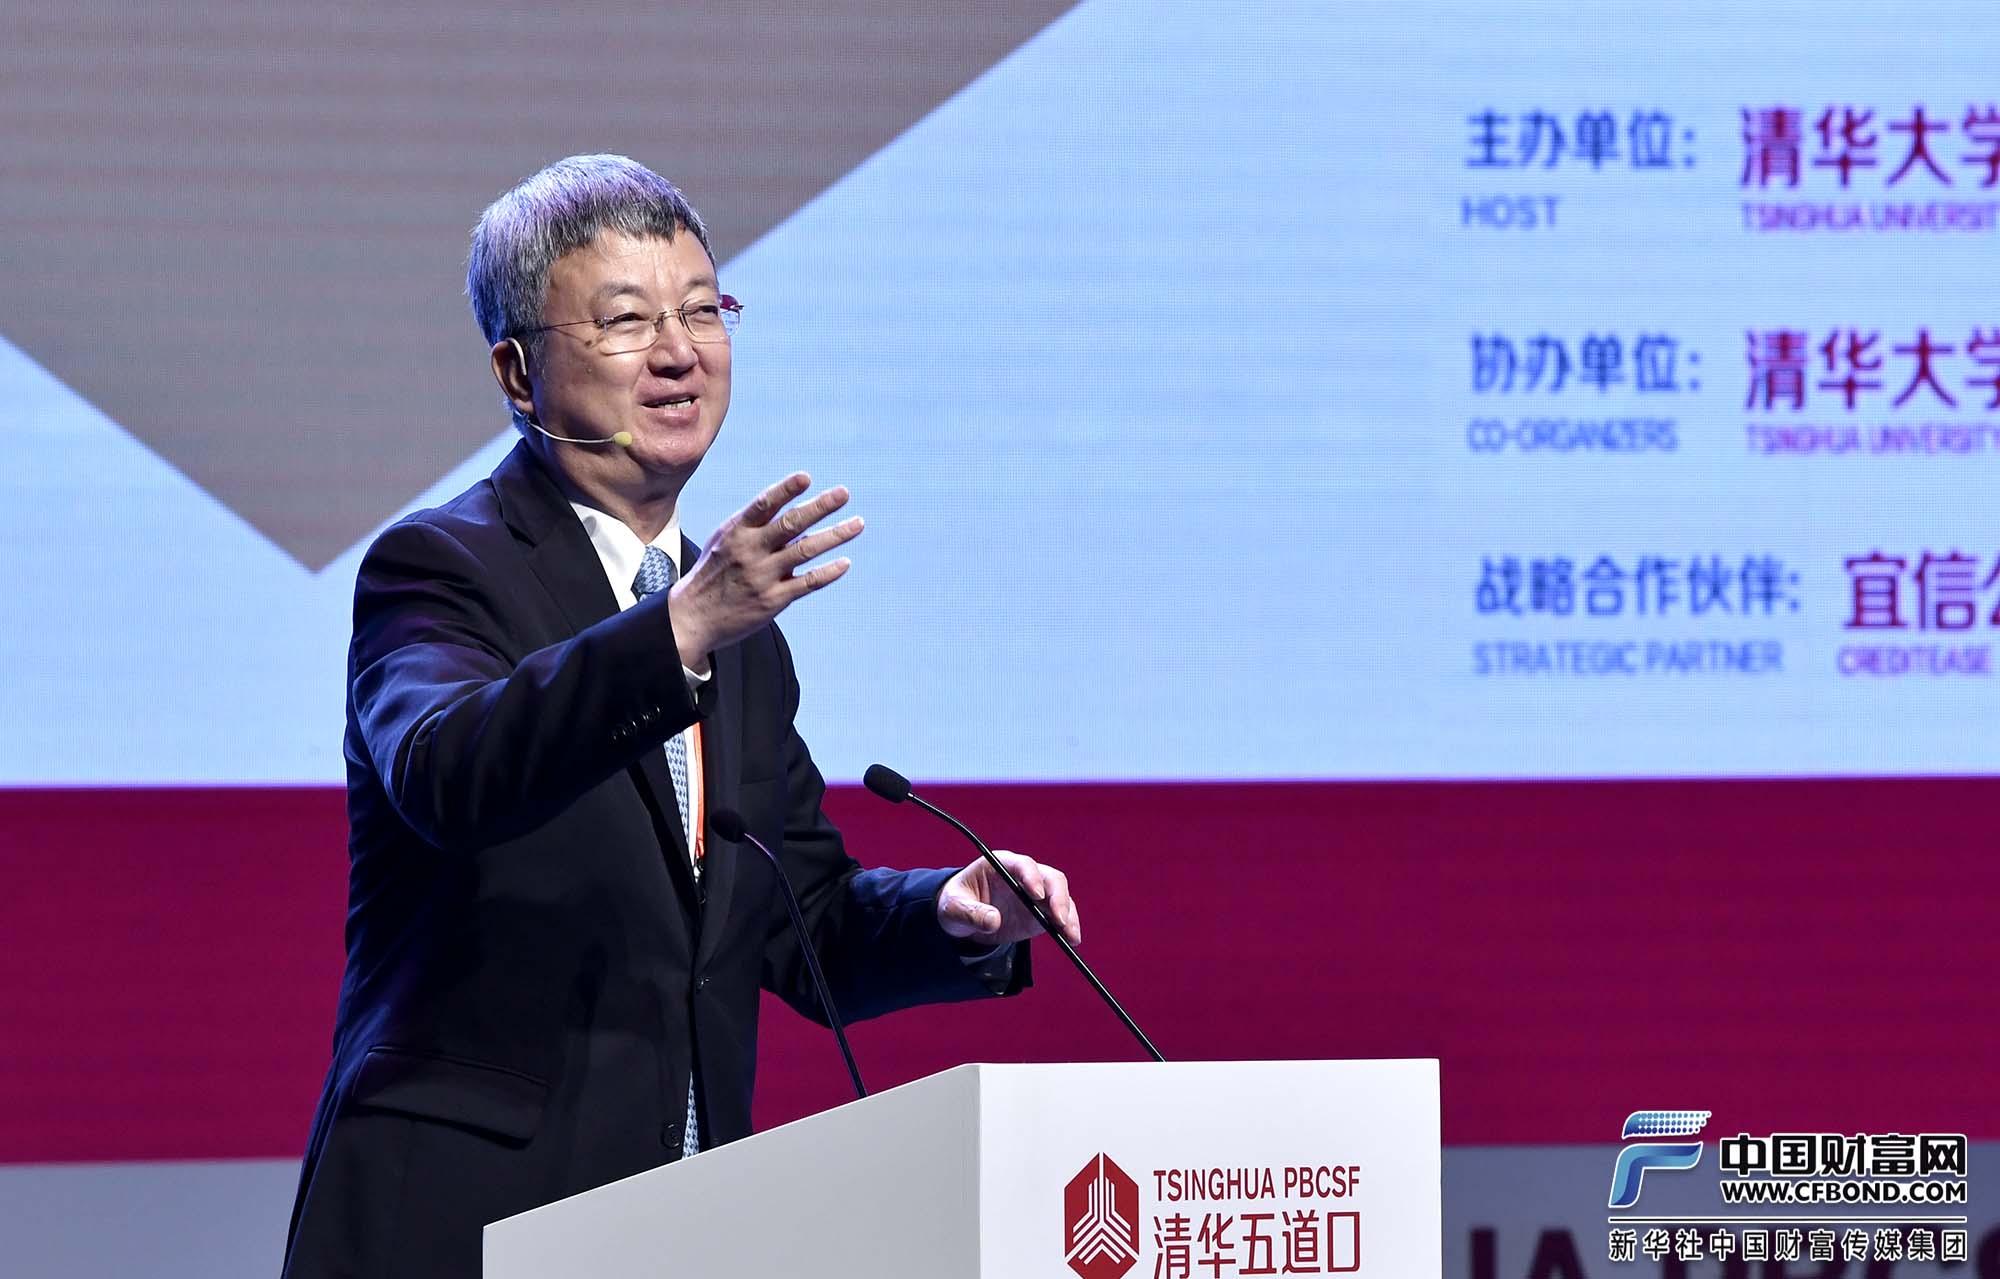 朱民:供给侧改革重点是产业结构调整和劳动生产率提高